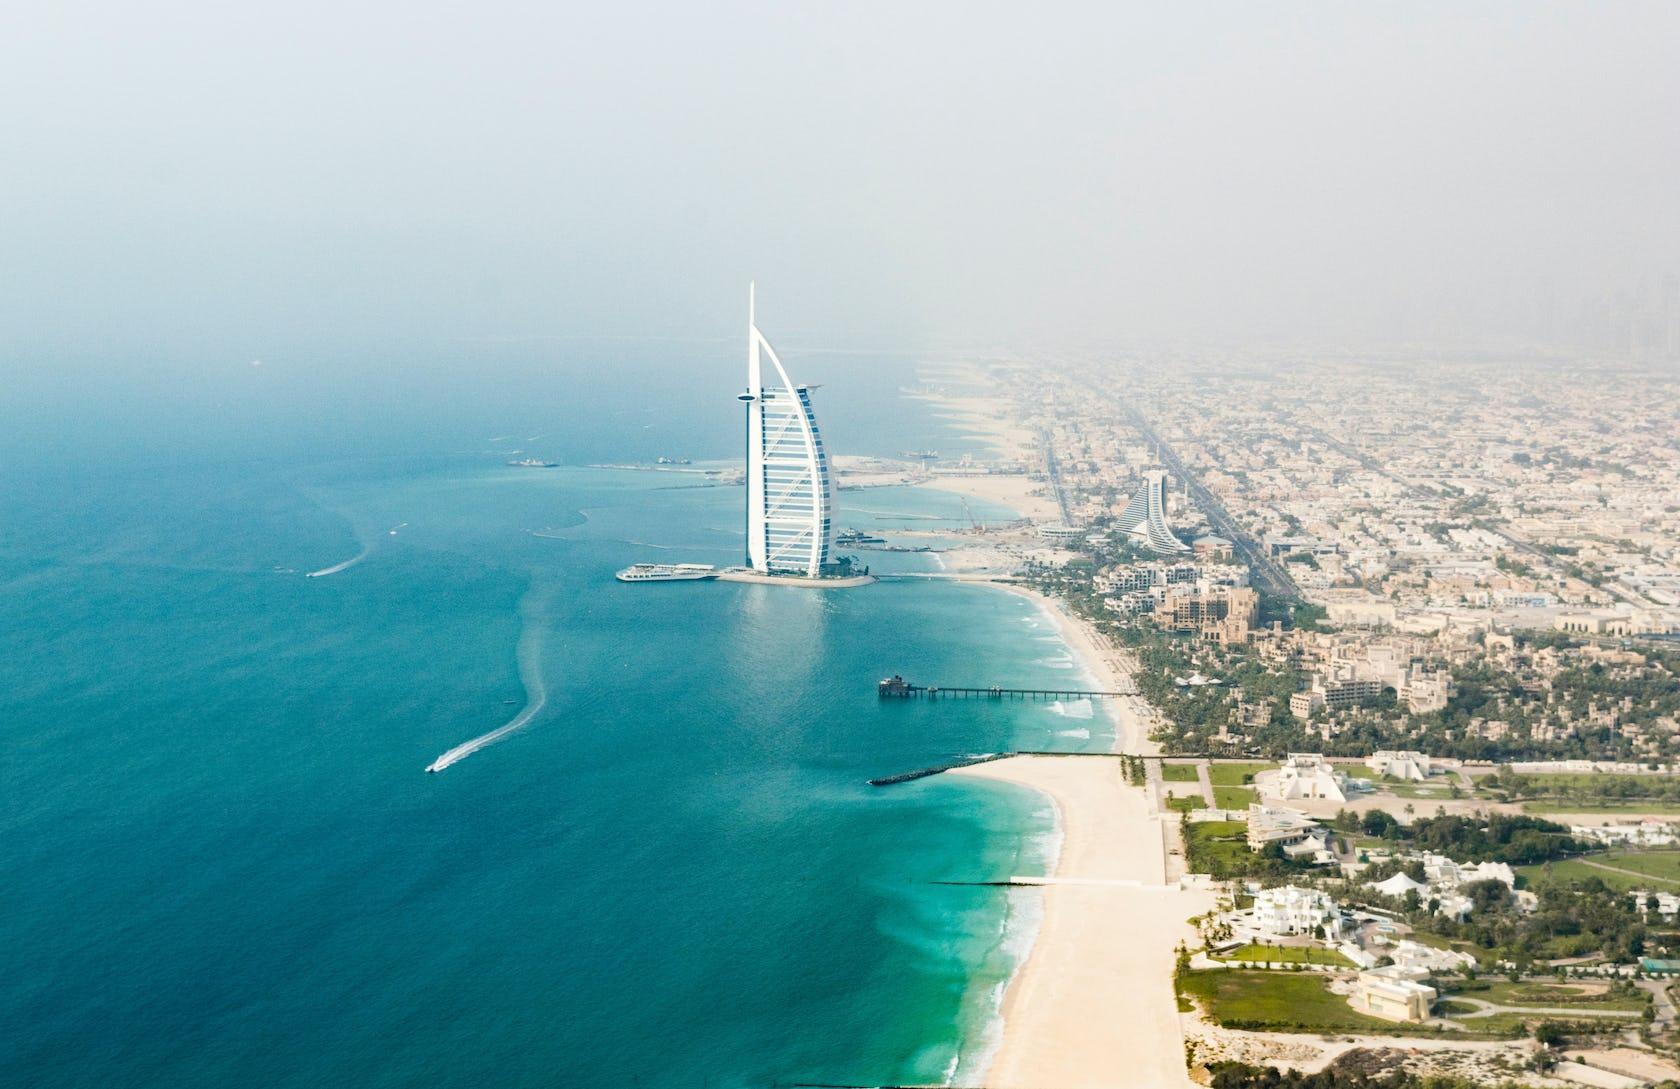 Les 5 meilleures choses à faire à Dubaï